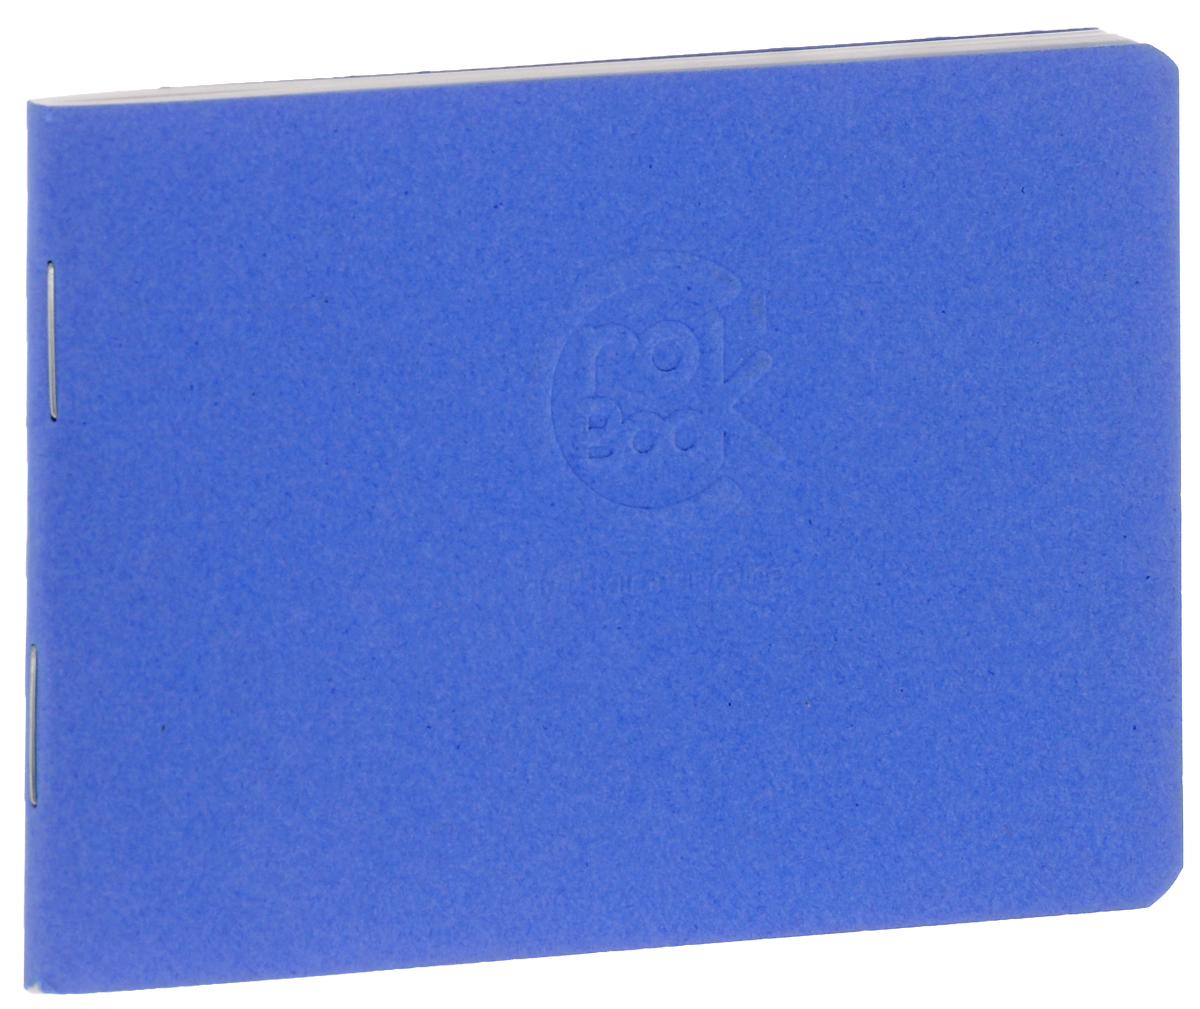 Блокнот Clairefontaine Crok Book, цвет: синий, формат A7, 24 листа6035С_синийОригинальный блокнот Clairefontaine Crok Book идеально подойдет для памятных записей, любимых стихов, рисунков и многого другого. Плотная обложка предохраняет листы от порчи и замятия. Блокнот формата А7 содержит 24 листа.Такой блокнот станет забавным и практичным подарком - он не затеряется среди бумаг, и долгое время будет вызывать улыбку окружающих.